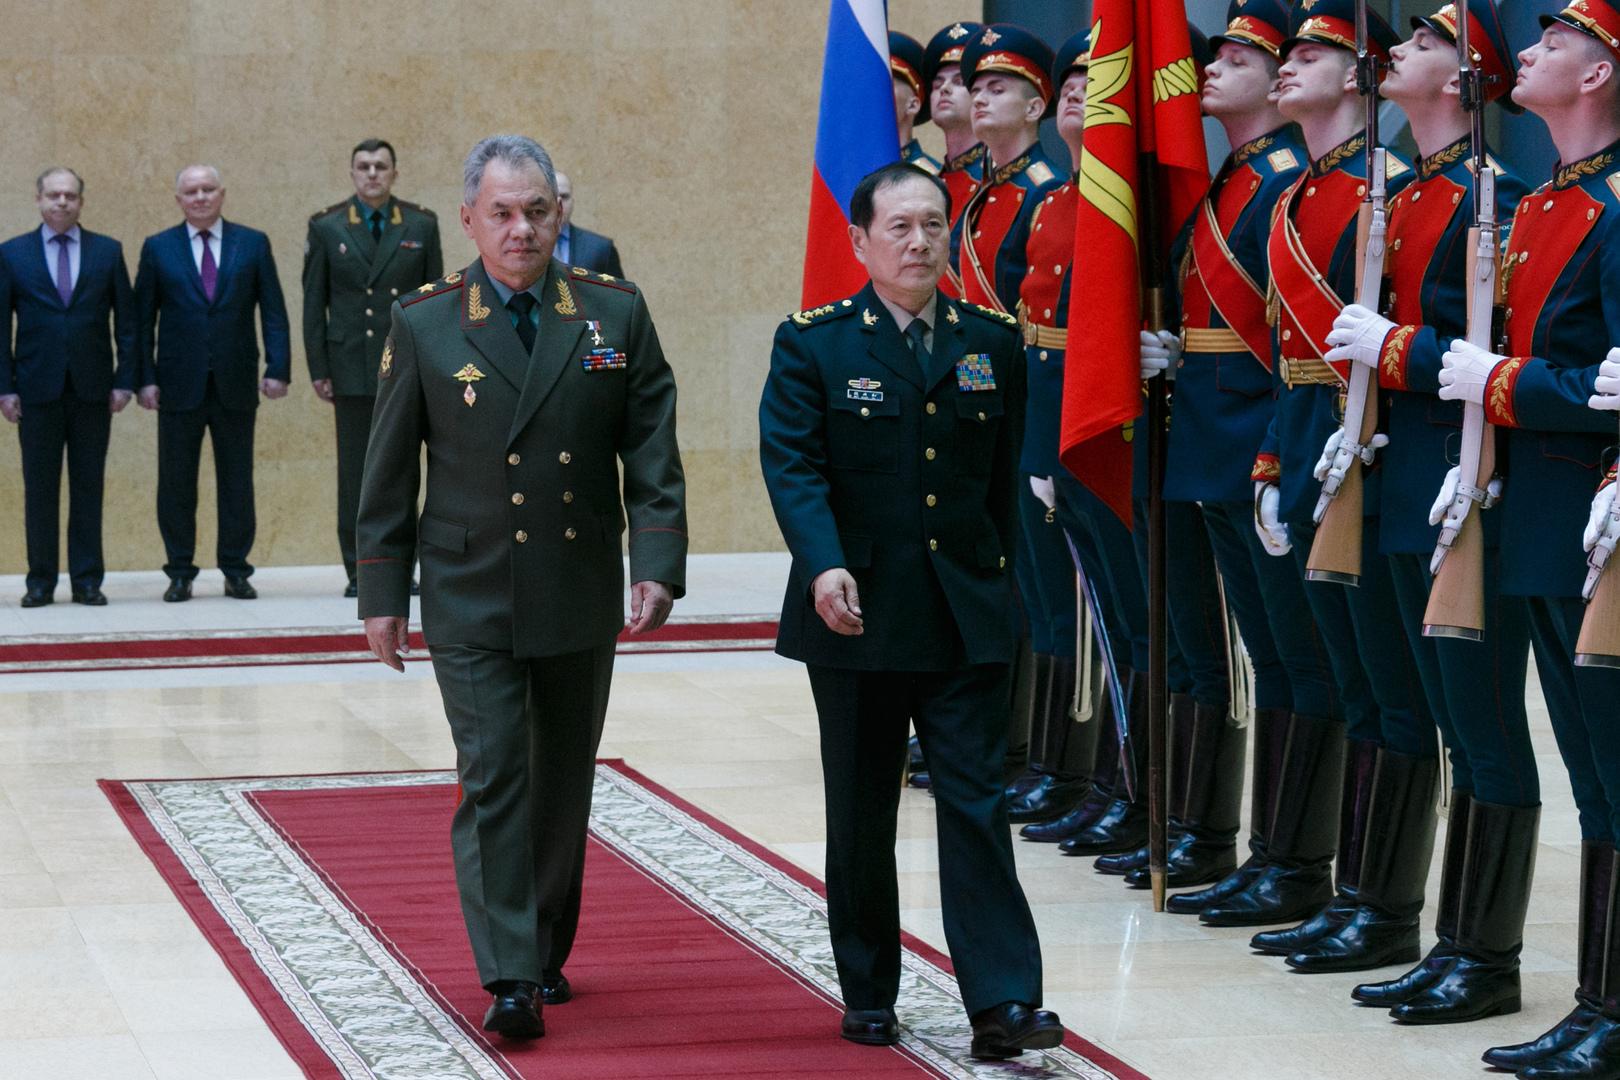 لقاء وزير الدفاع الروسي سيرغي شويغو مع نظيره الصيني وي فنغ خه في موسكو عام 2018